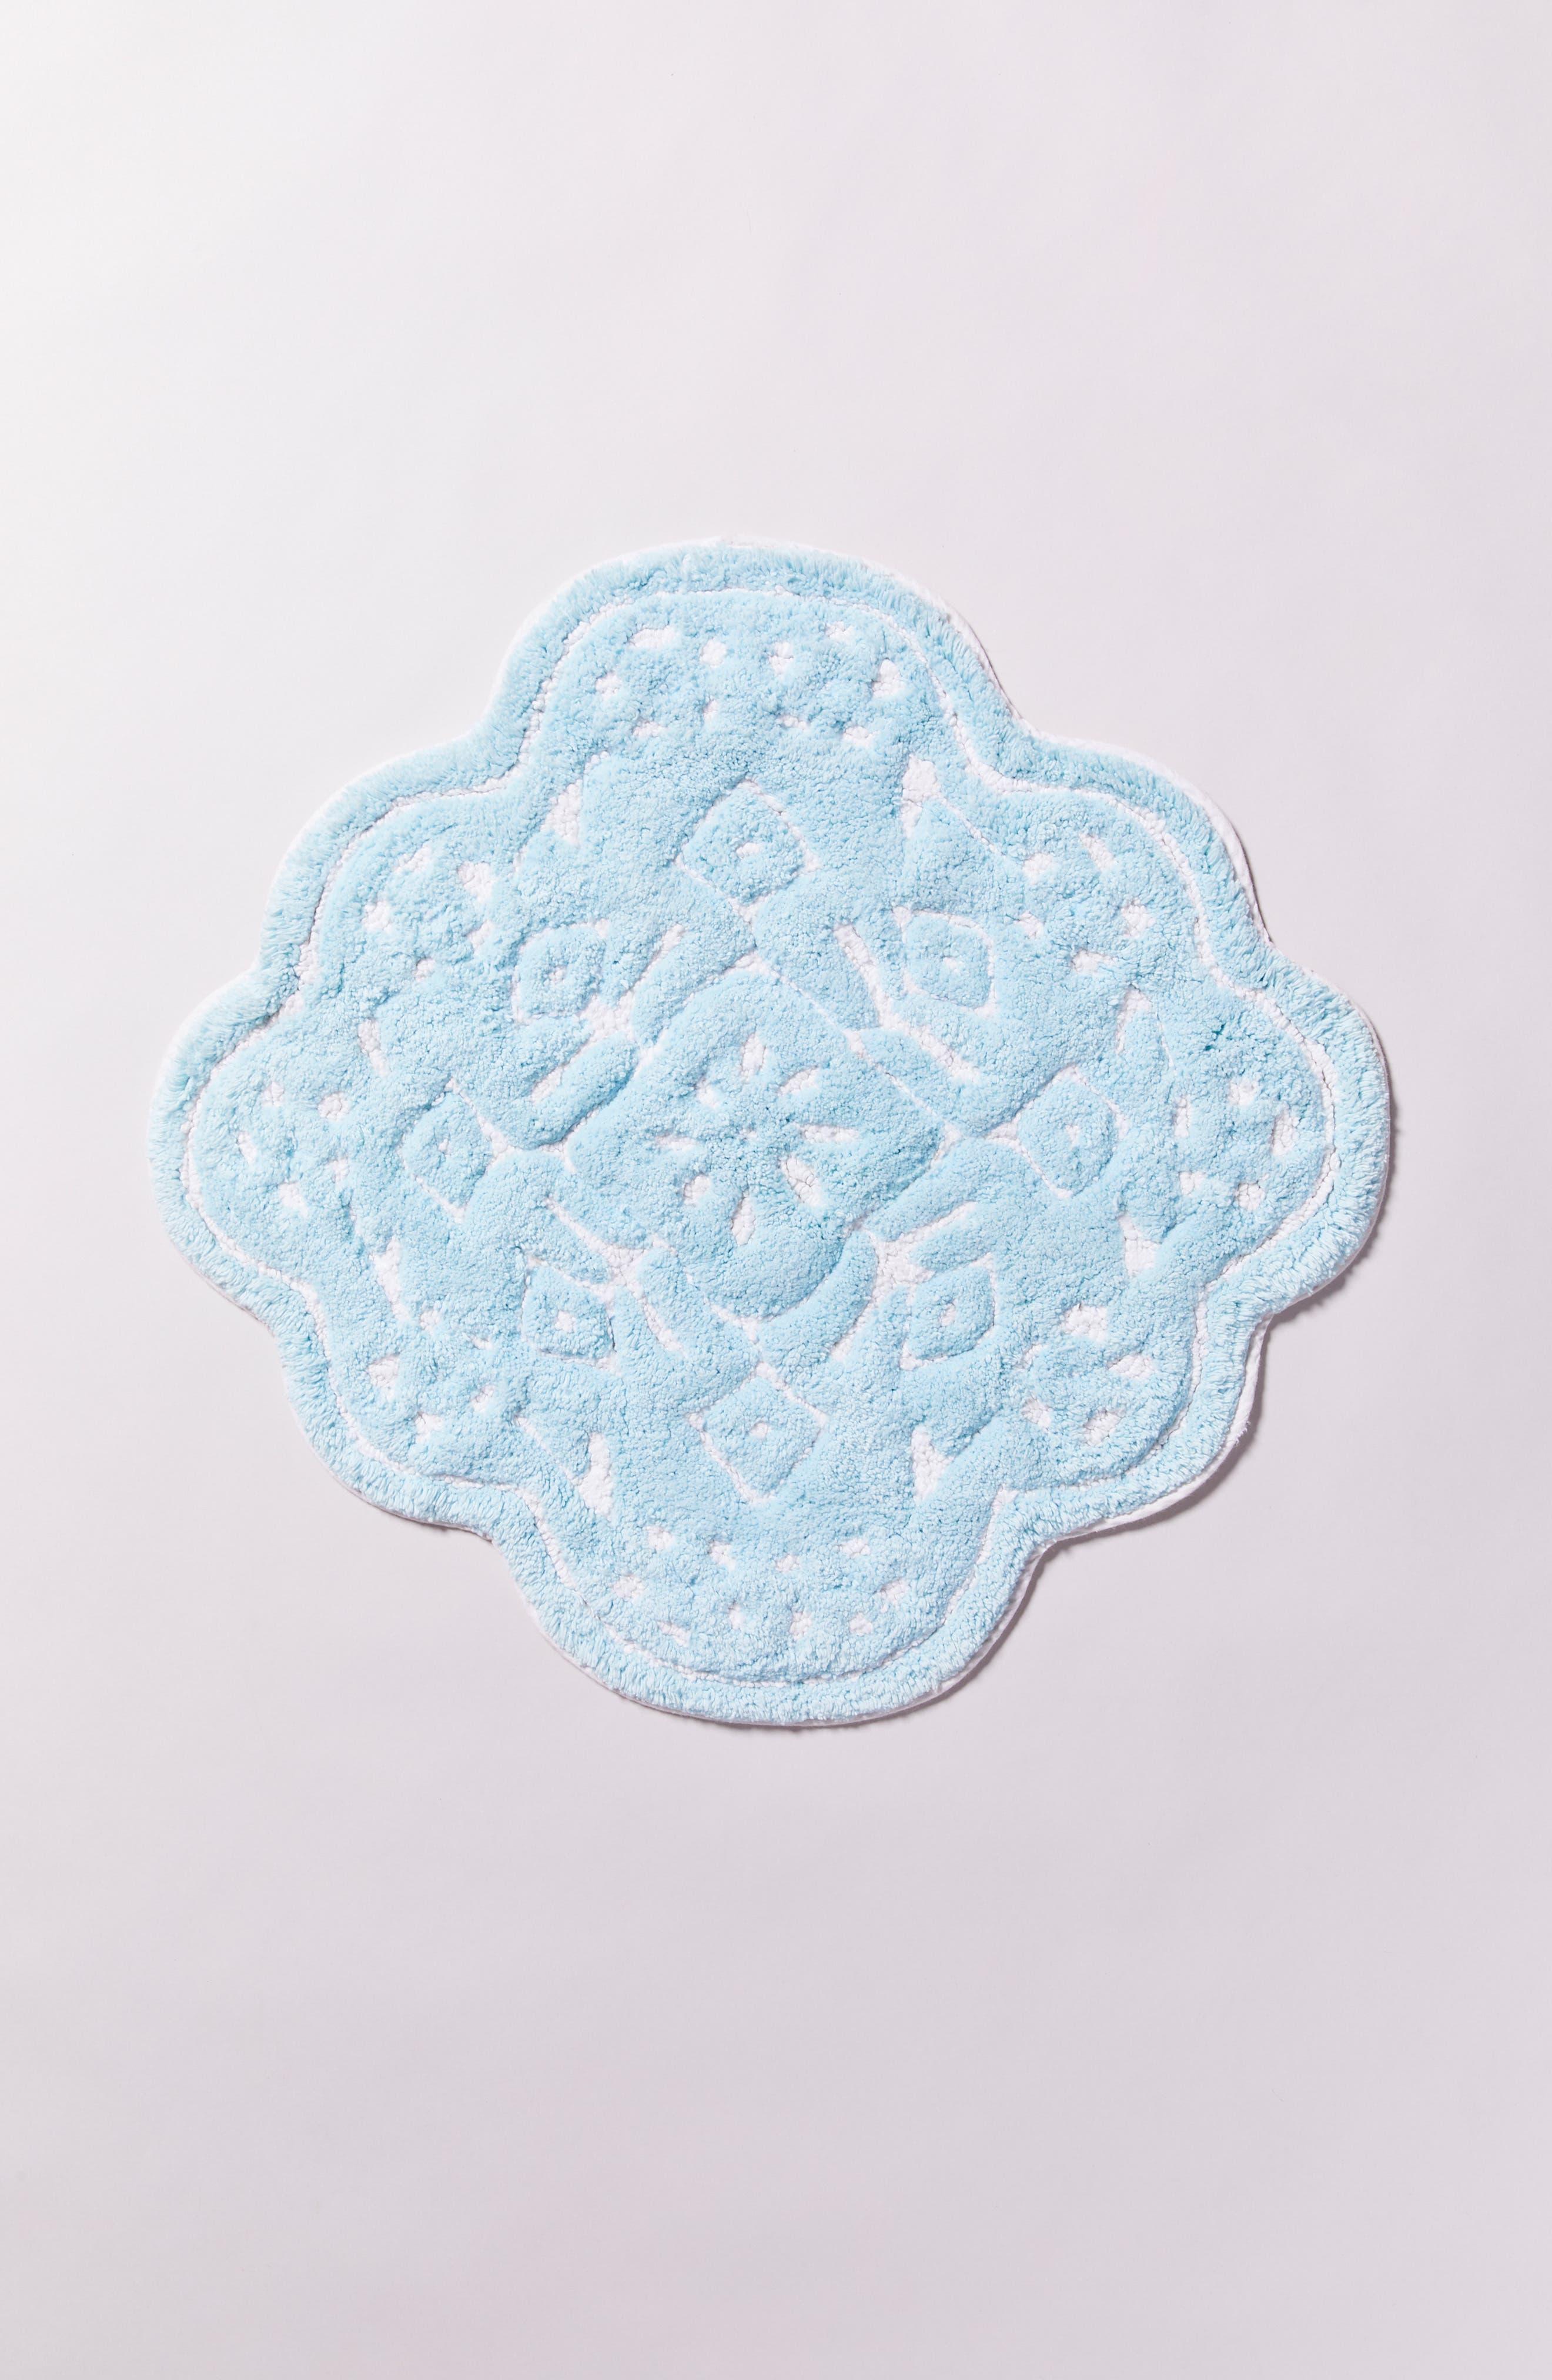 Mosaic Tile Bath Mat,                             Alternate thumbnail 4, color,                             MINT